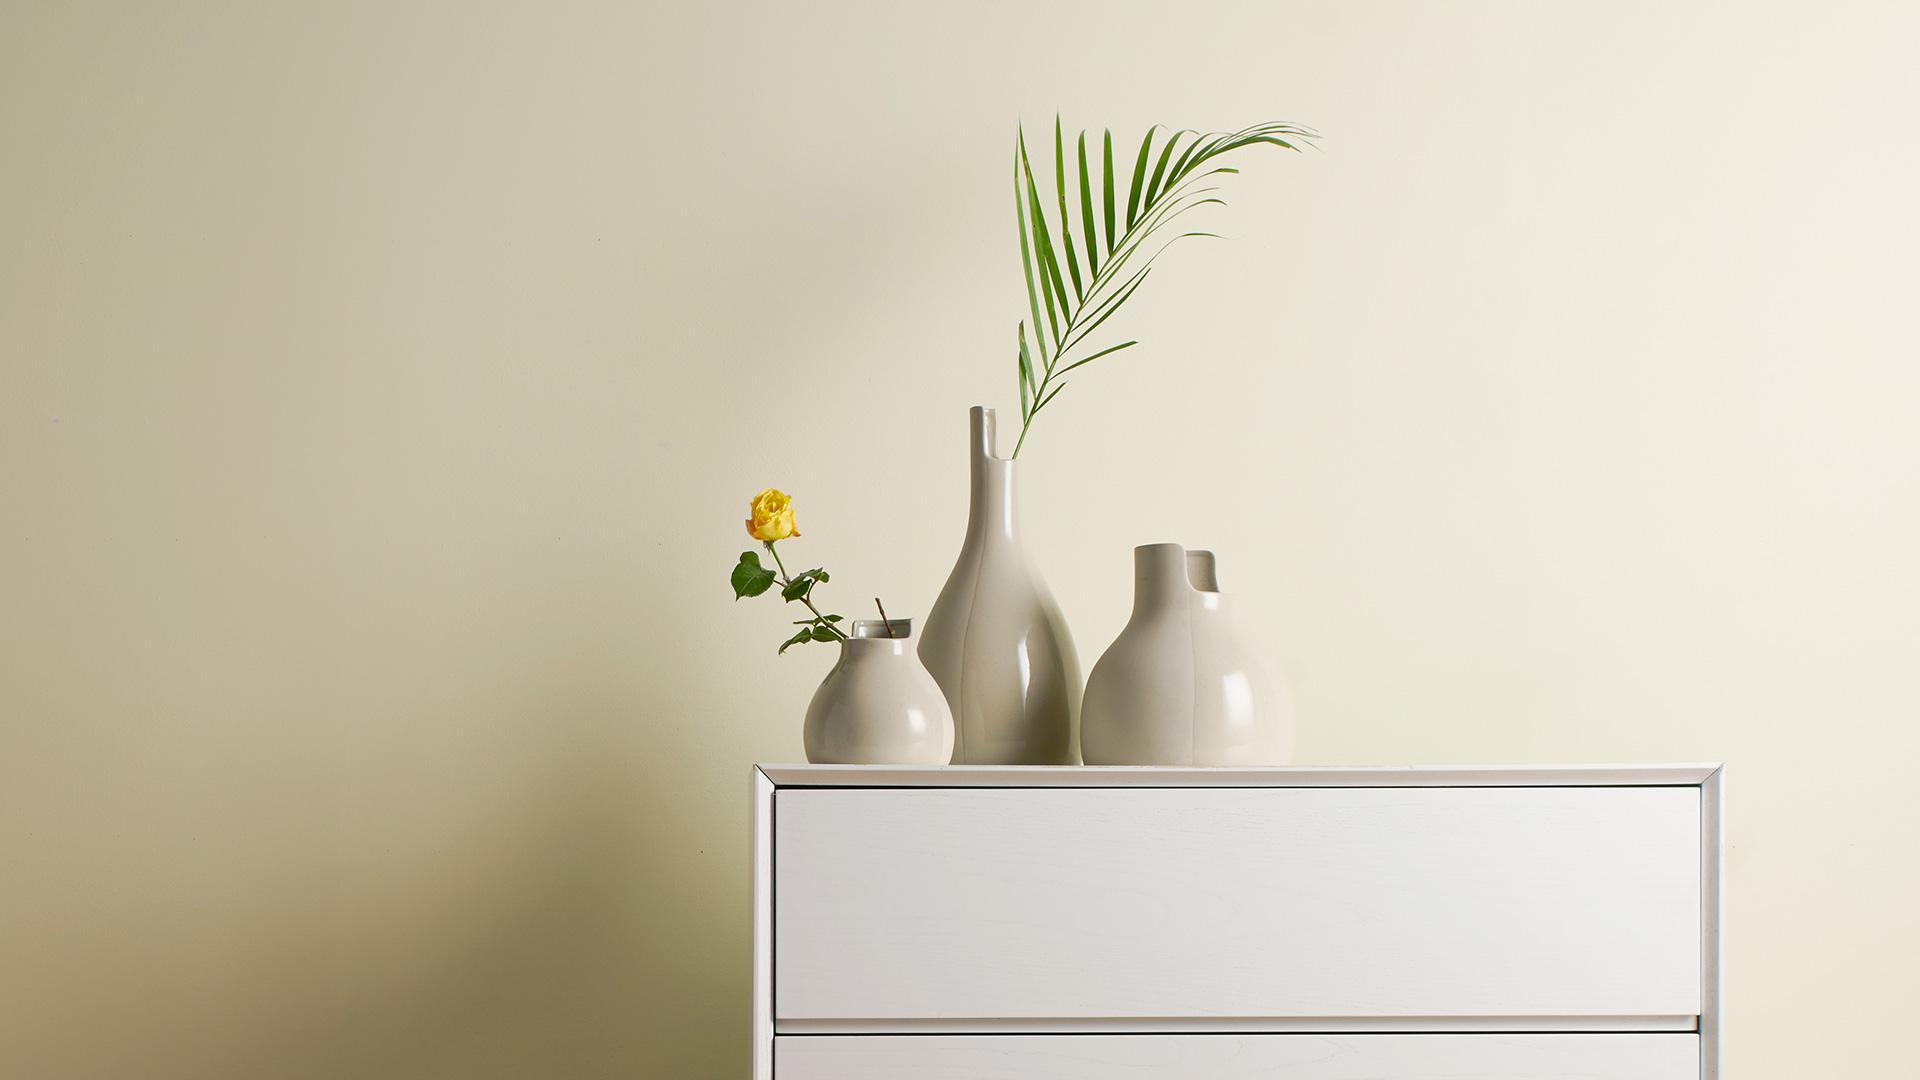 想让睡眠空间多一点生气,又不喜欢卧室色彩过于花哨?置于斗柜上的纯色双生陶瓷瓶就美到刚刚好。?x-oss-process=image/format,jpg/interlace,1